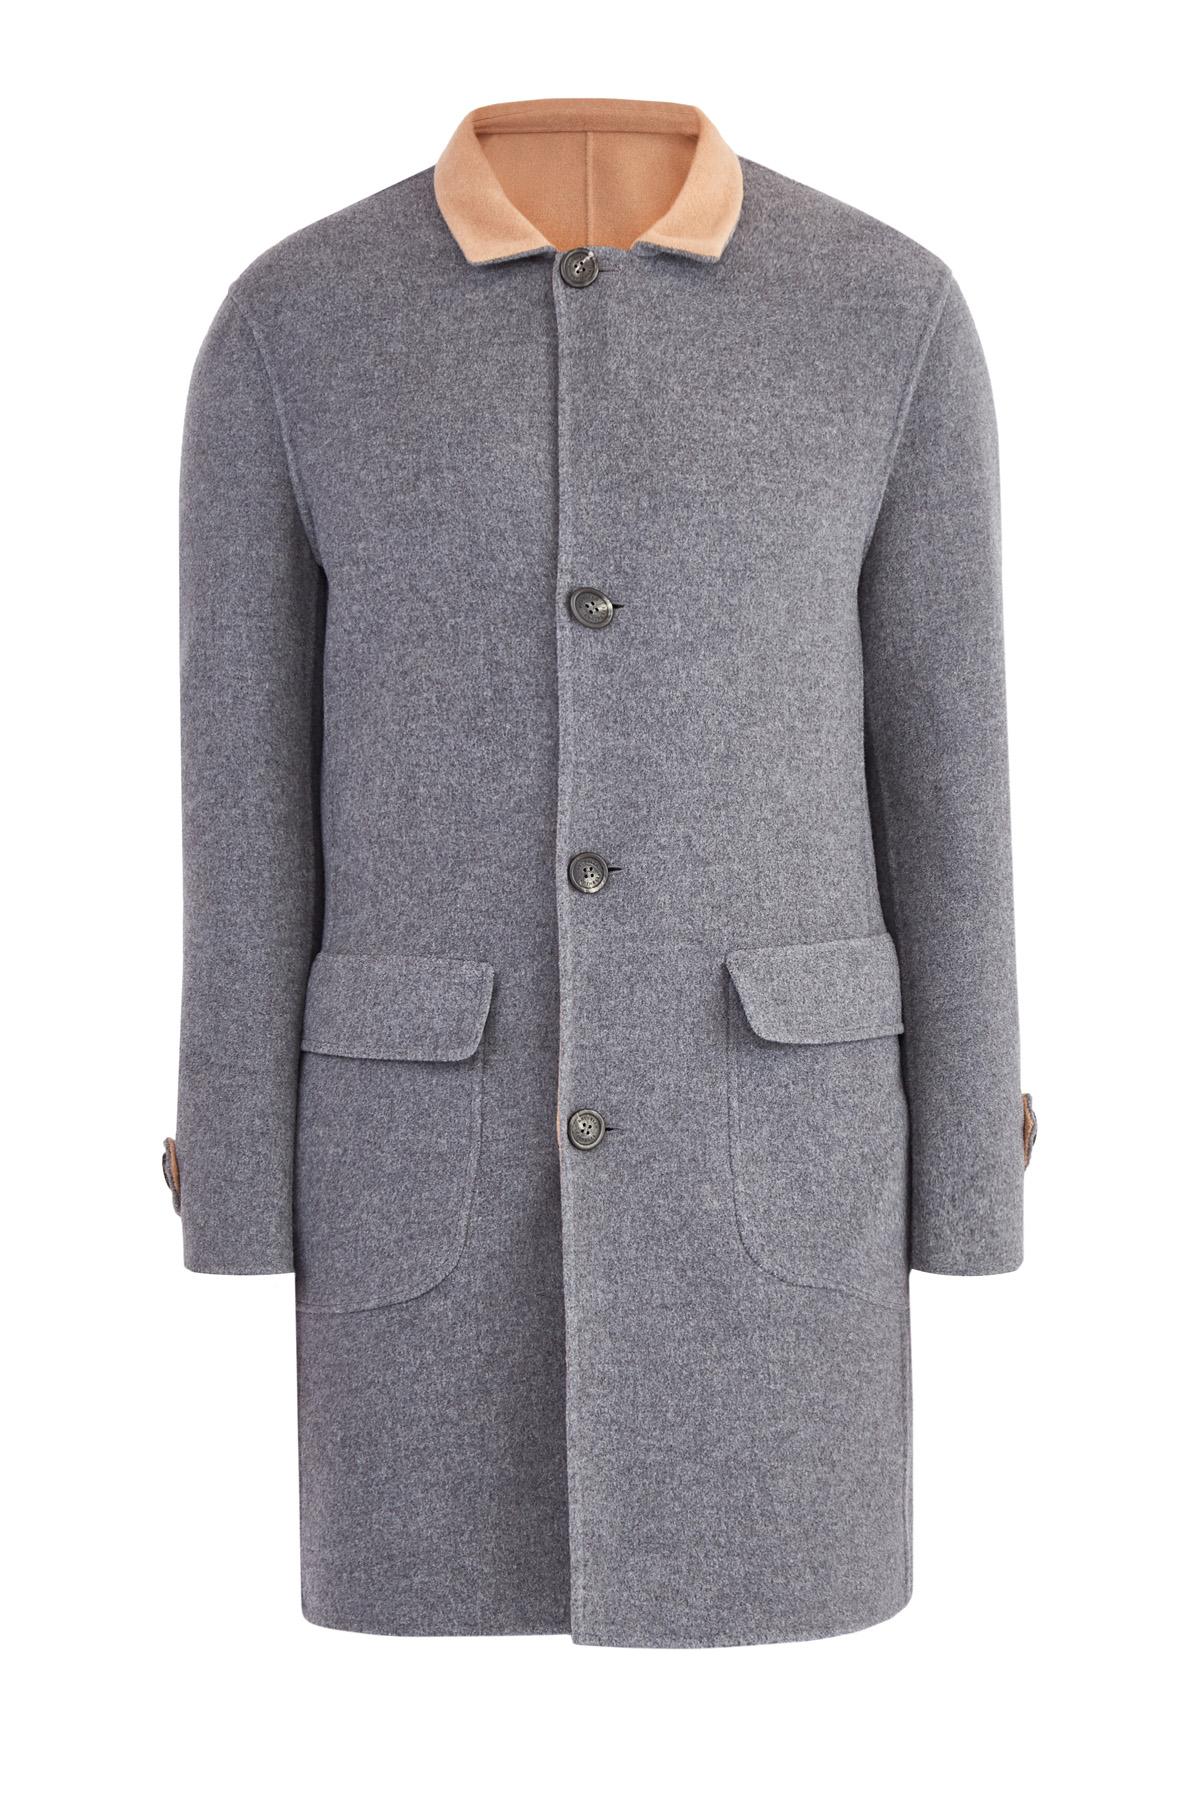 Купить Пальто, BRUNELLO CUCINELLI, Италия, шерсть 71%, кашемир 29%